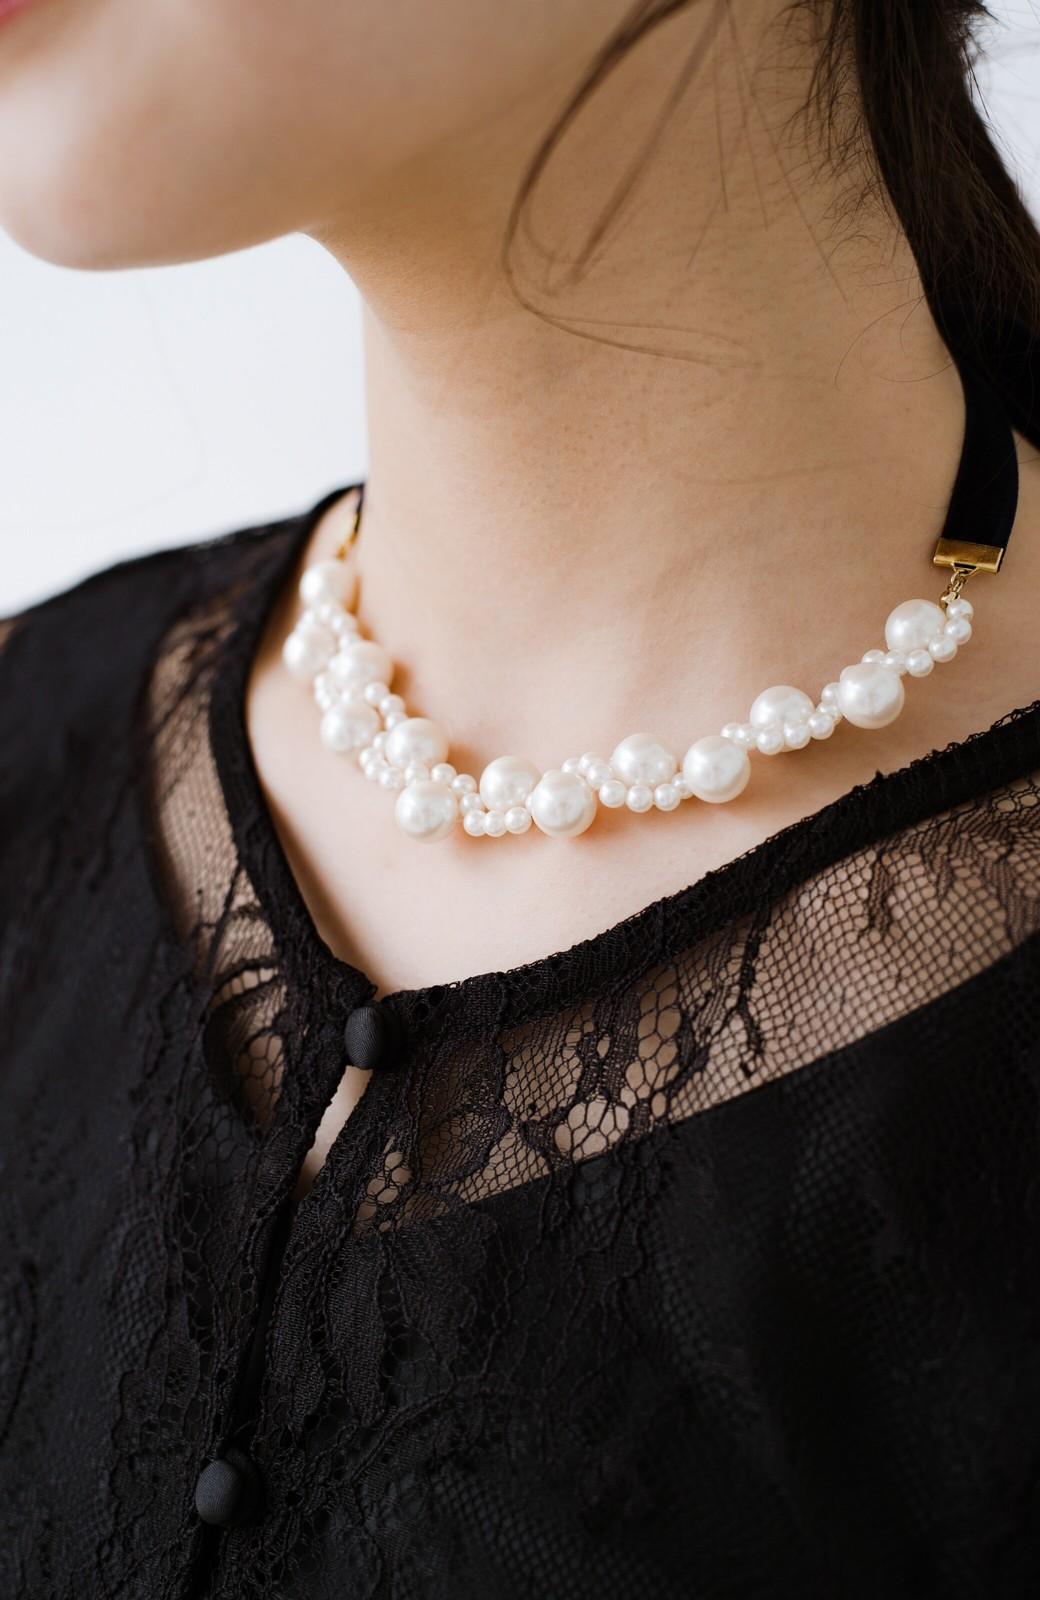 haco! ぱっとつけてぐっと華やぐ 結婚式にも便利なプラパールの編み込みネックレス <ネイビー>の商品写真10